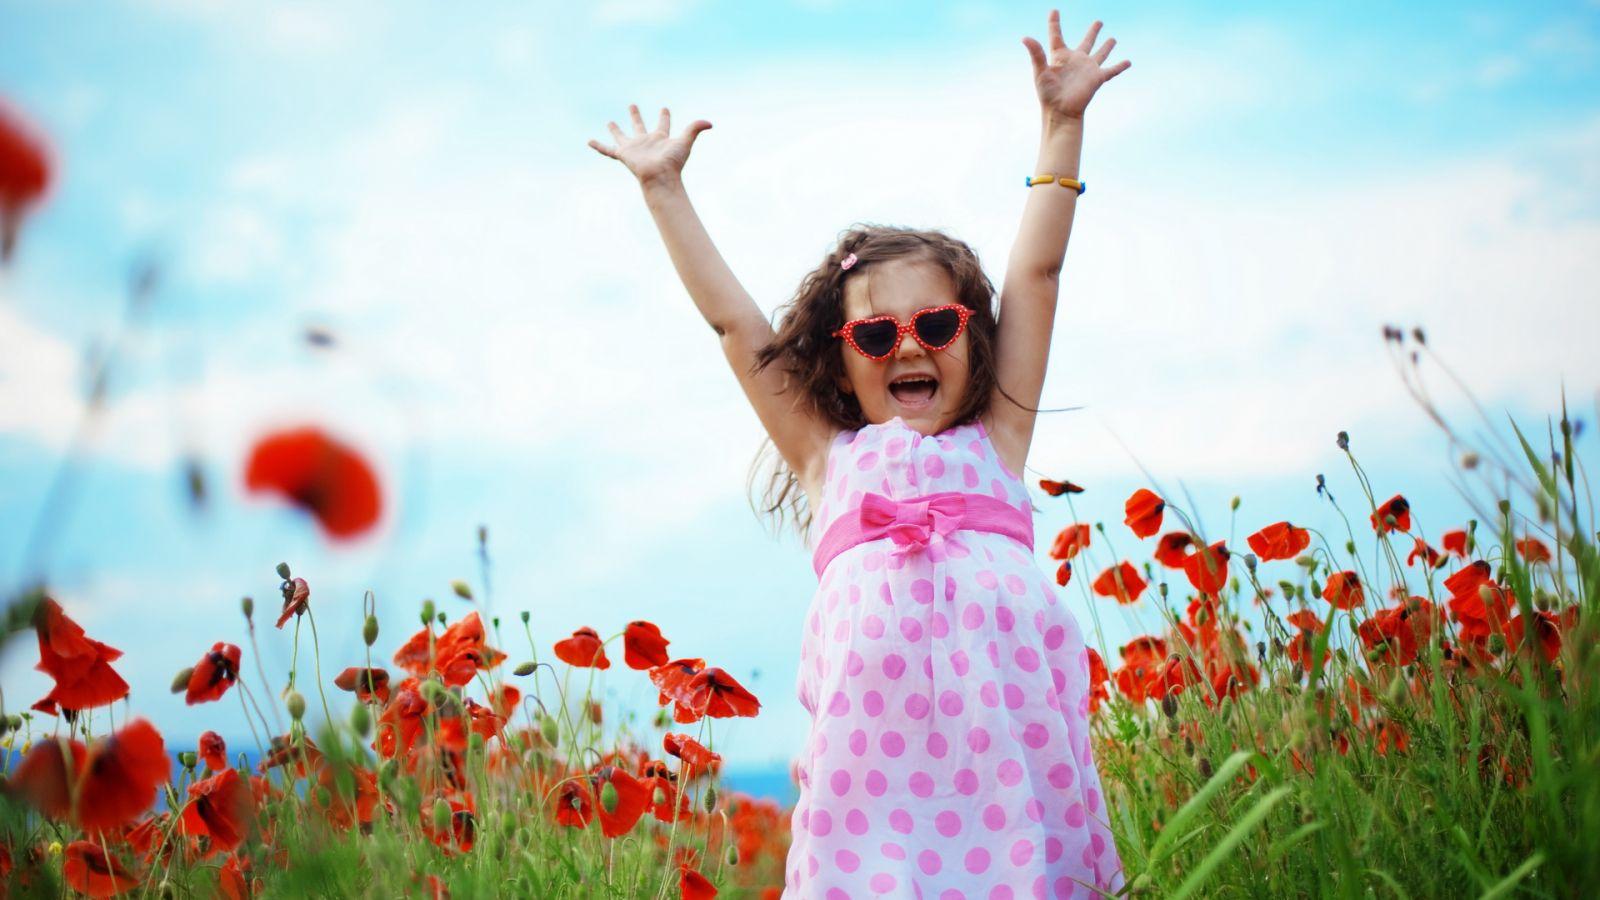 Прекрасные анекдоты про детишек, помогающие убежать от скуки